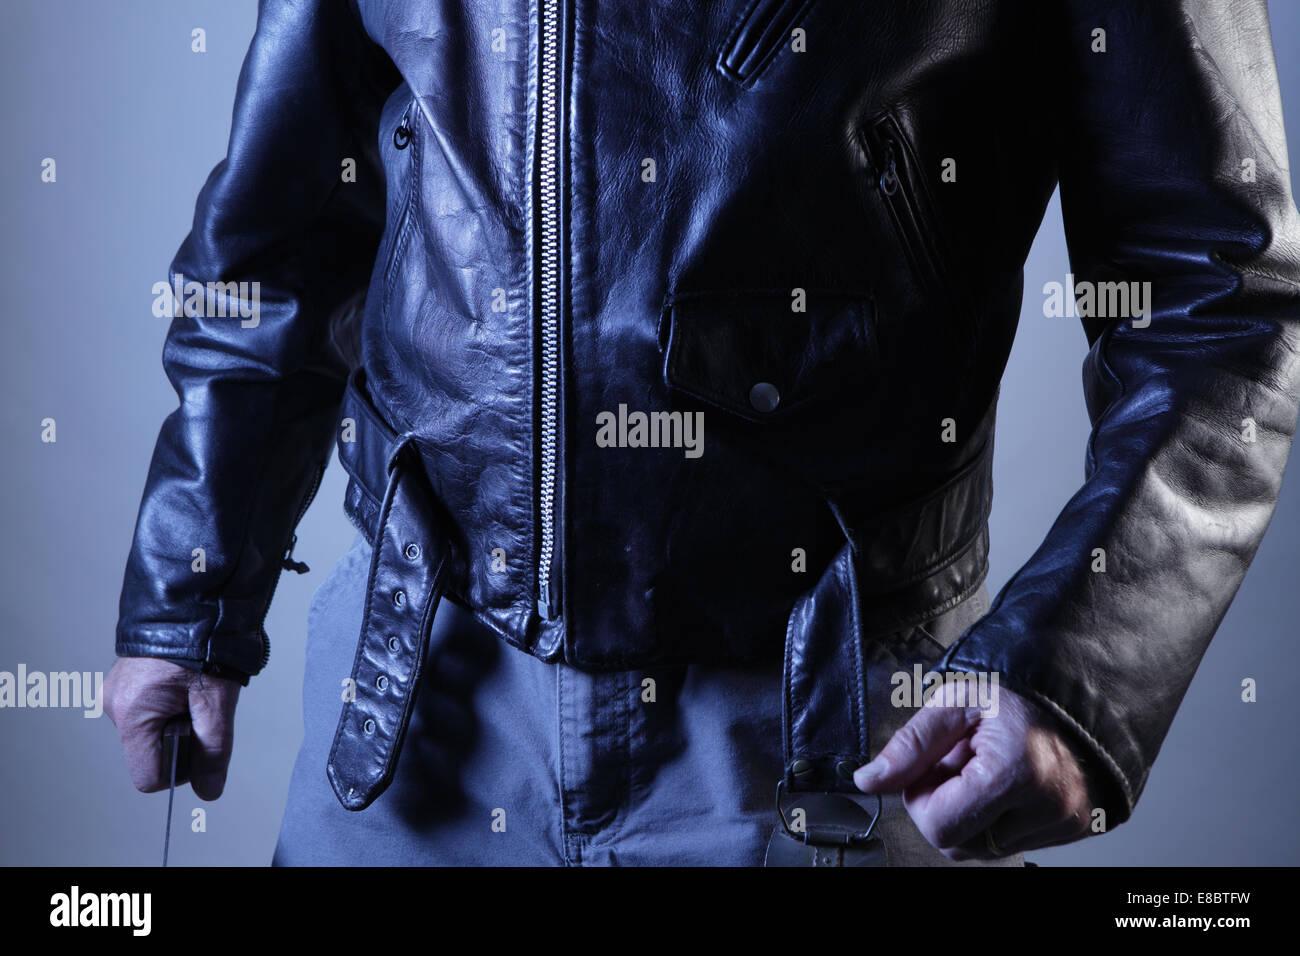 Männliche Gewalt droht, mit Fäusten und Messer Torso gezeigt Stockbild